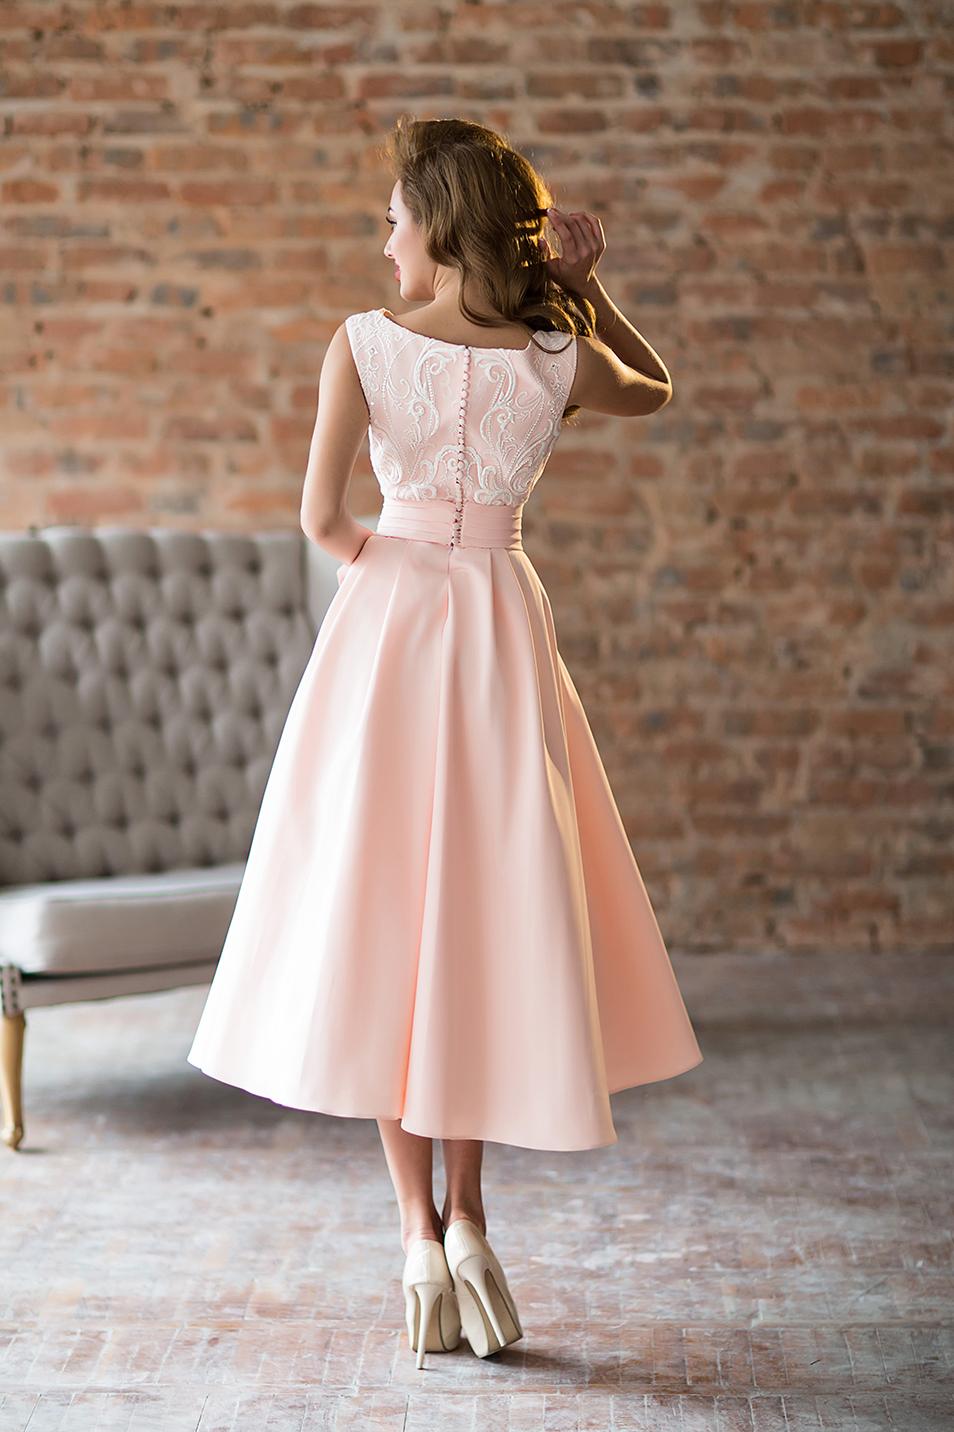 для вечерняя мода платья миди фото пример совмещения прихожей